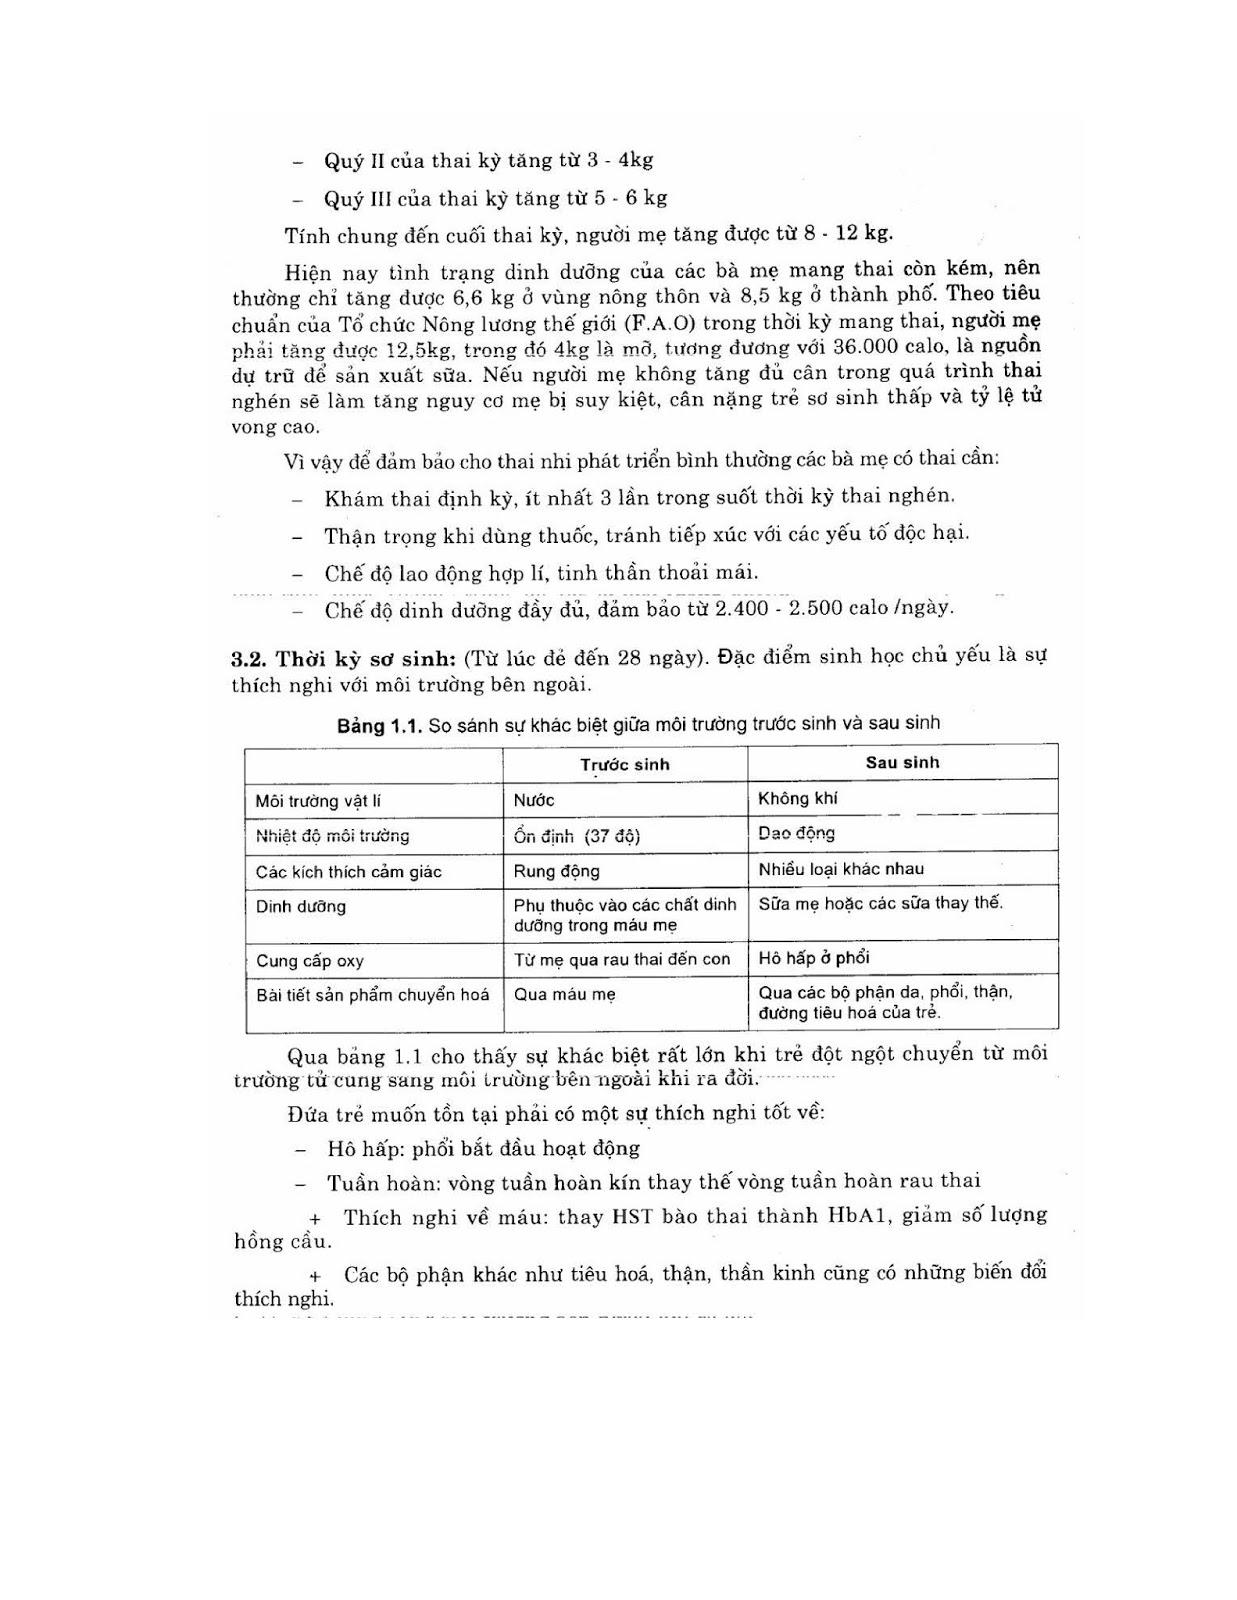 Trang 6 sach